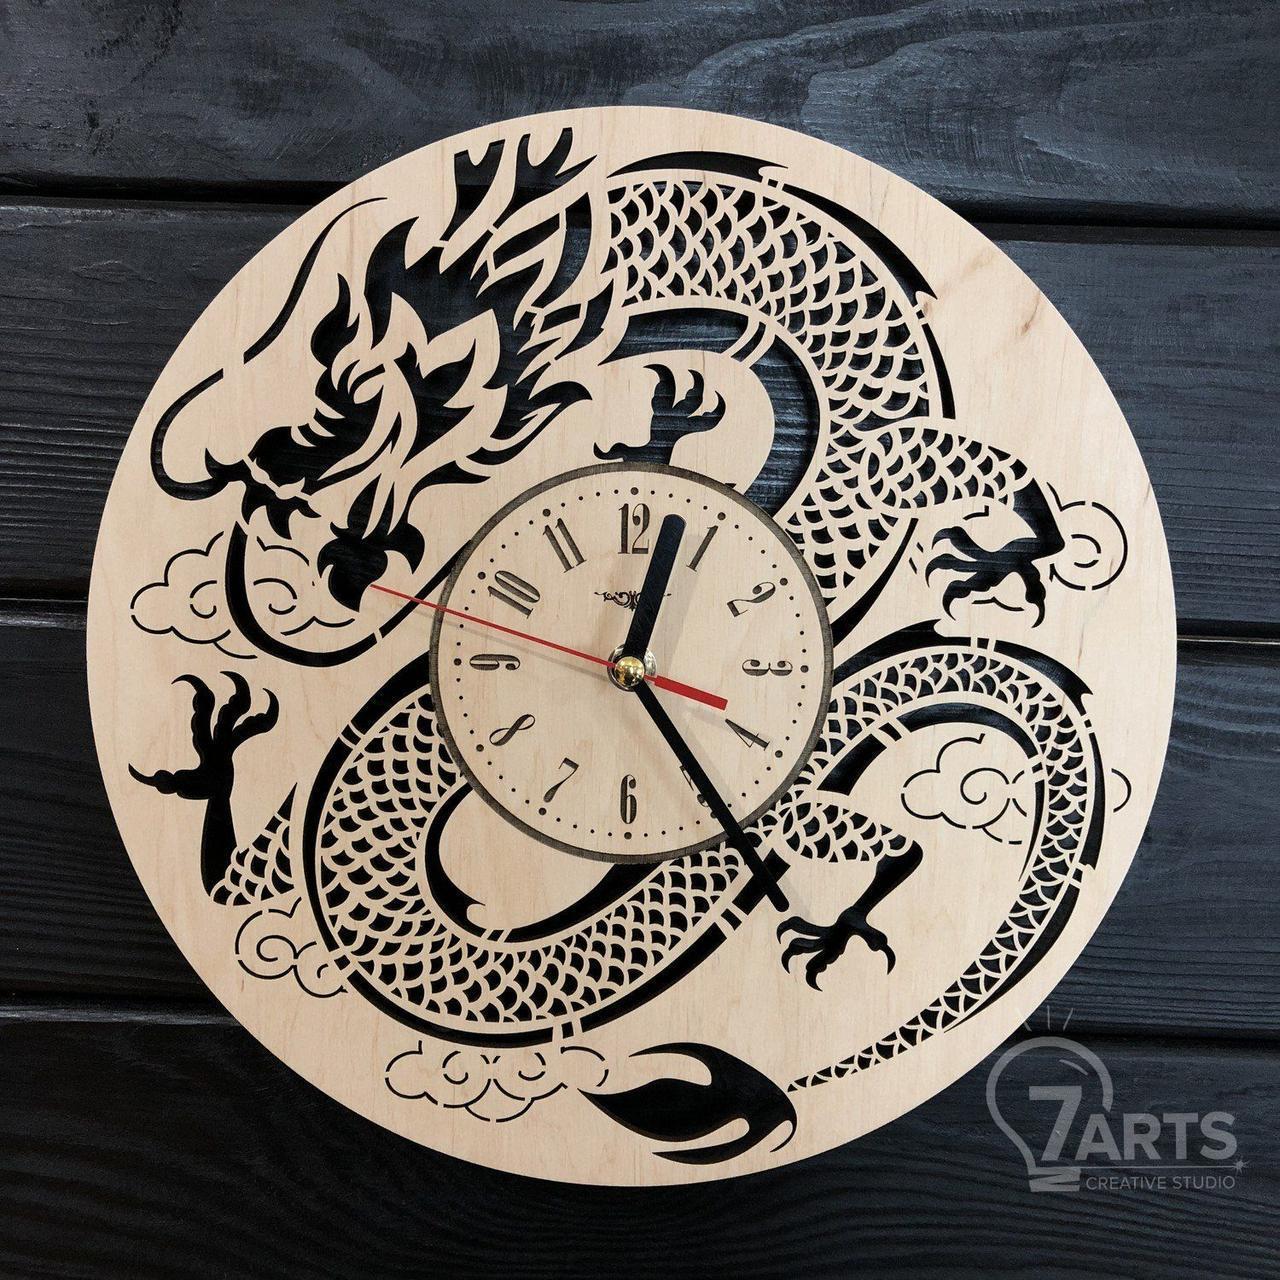 Интерьерные настенные часы бесшумные на восточную тематику